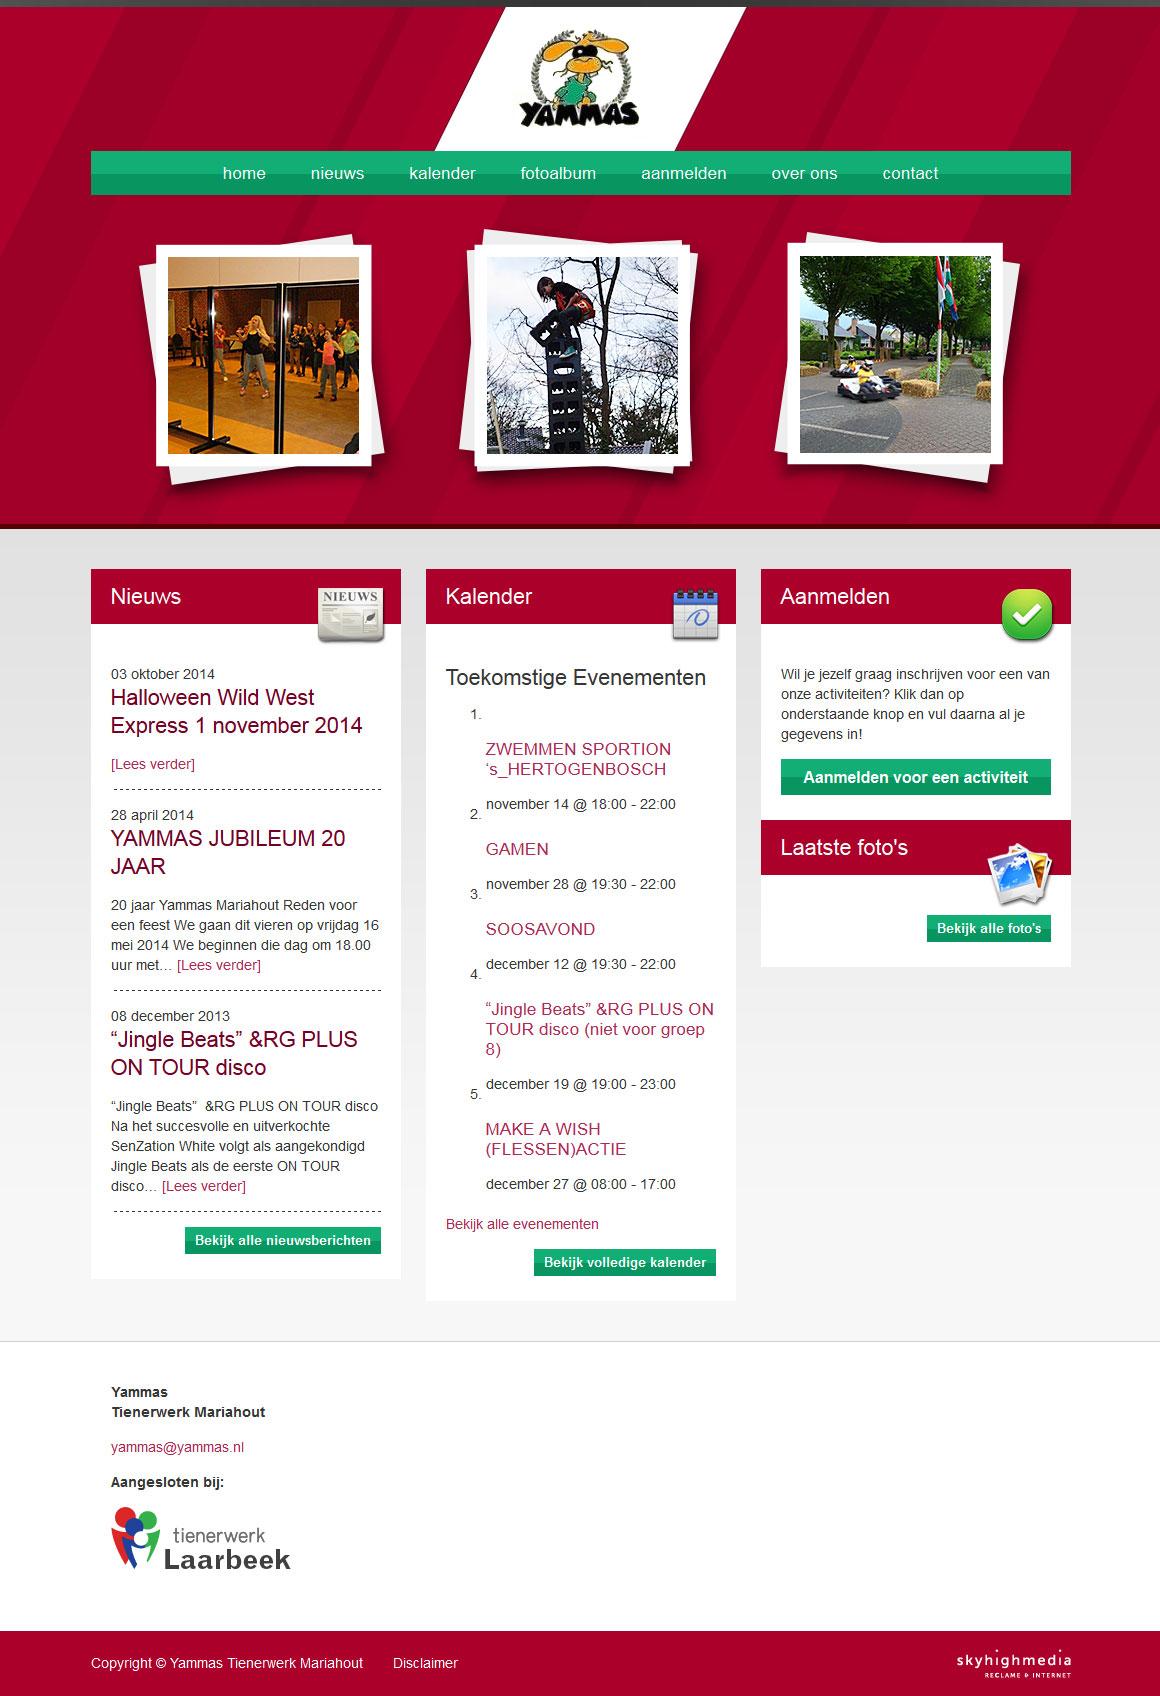 tienerwerk-yammas_website1